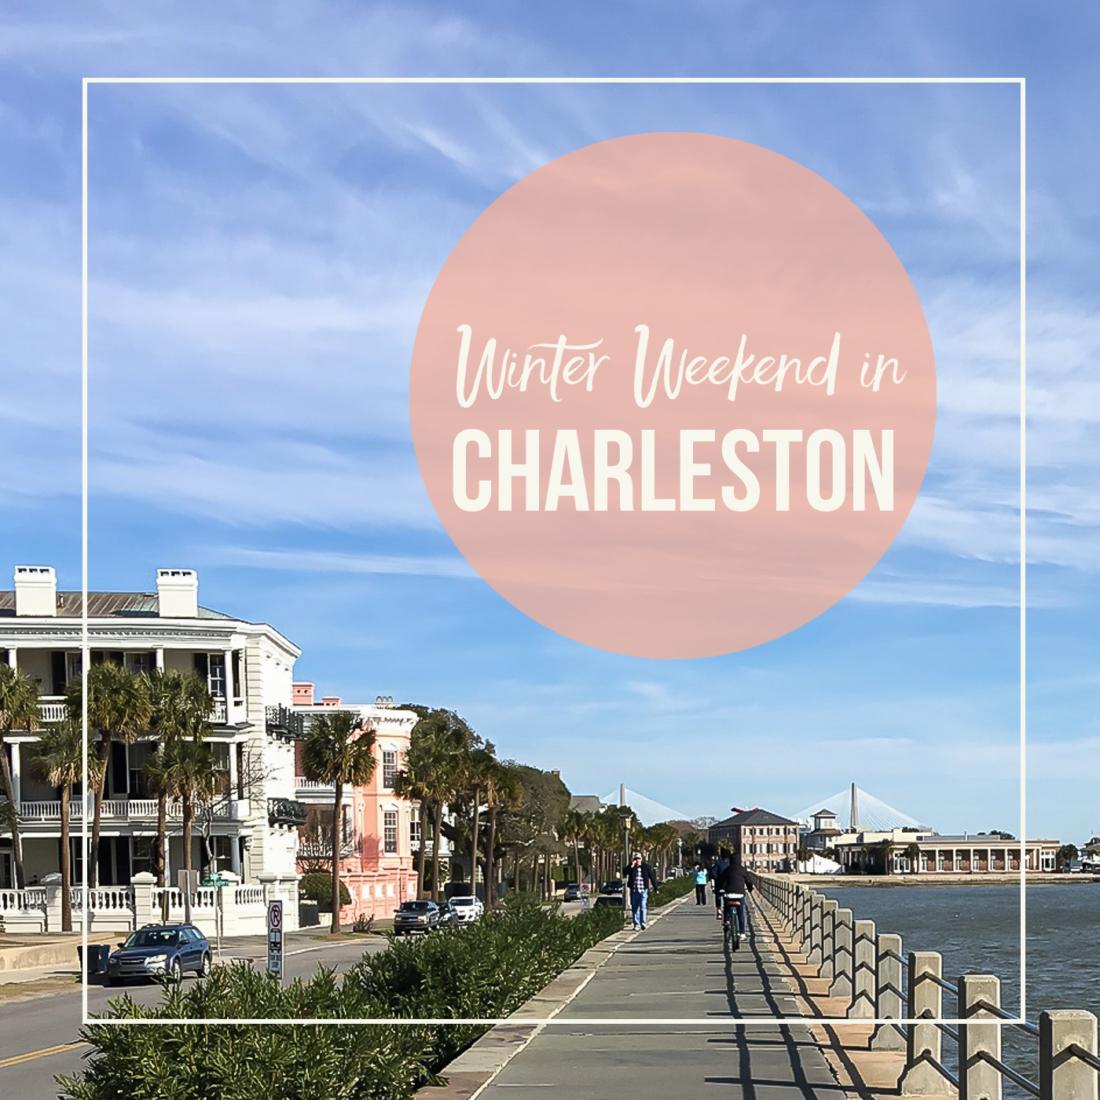 Winter Weekend in Charleston